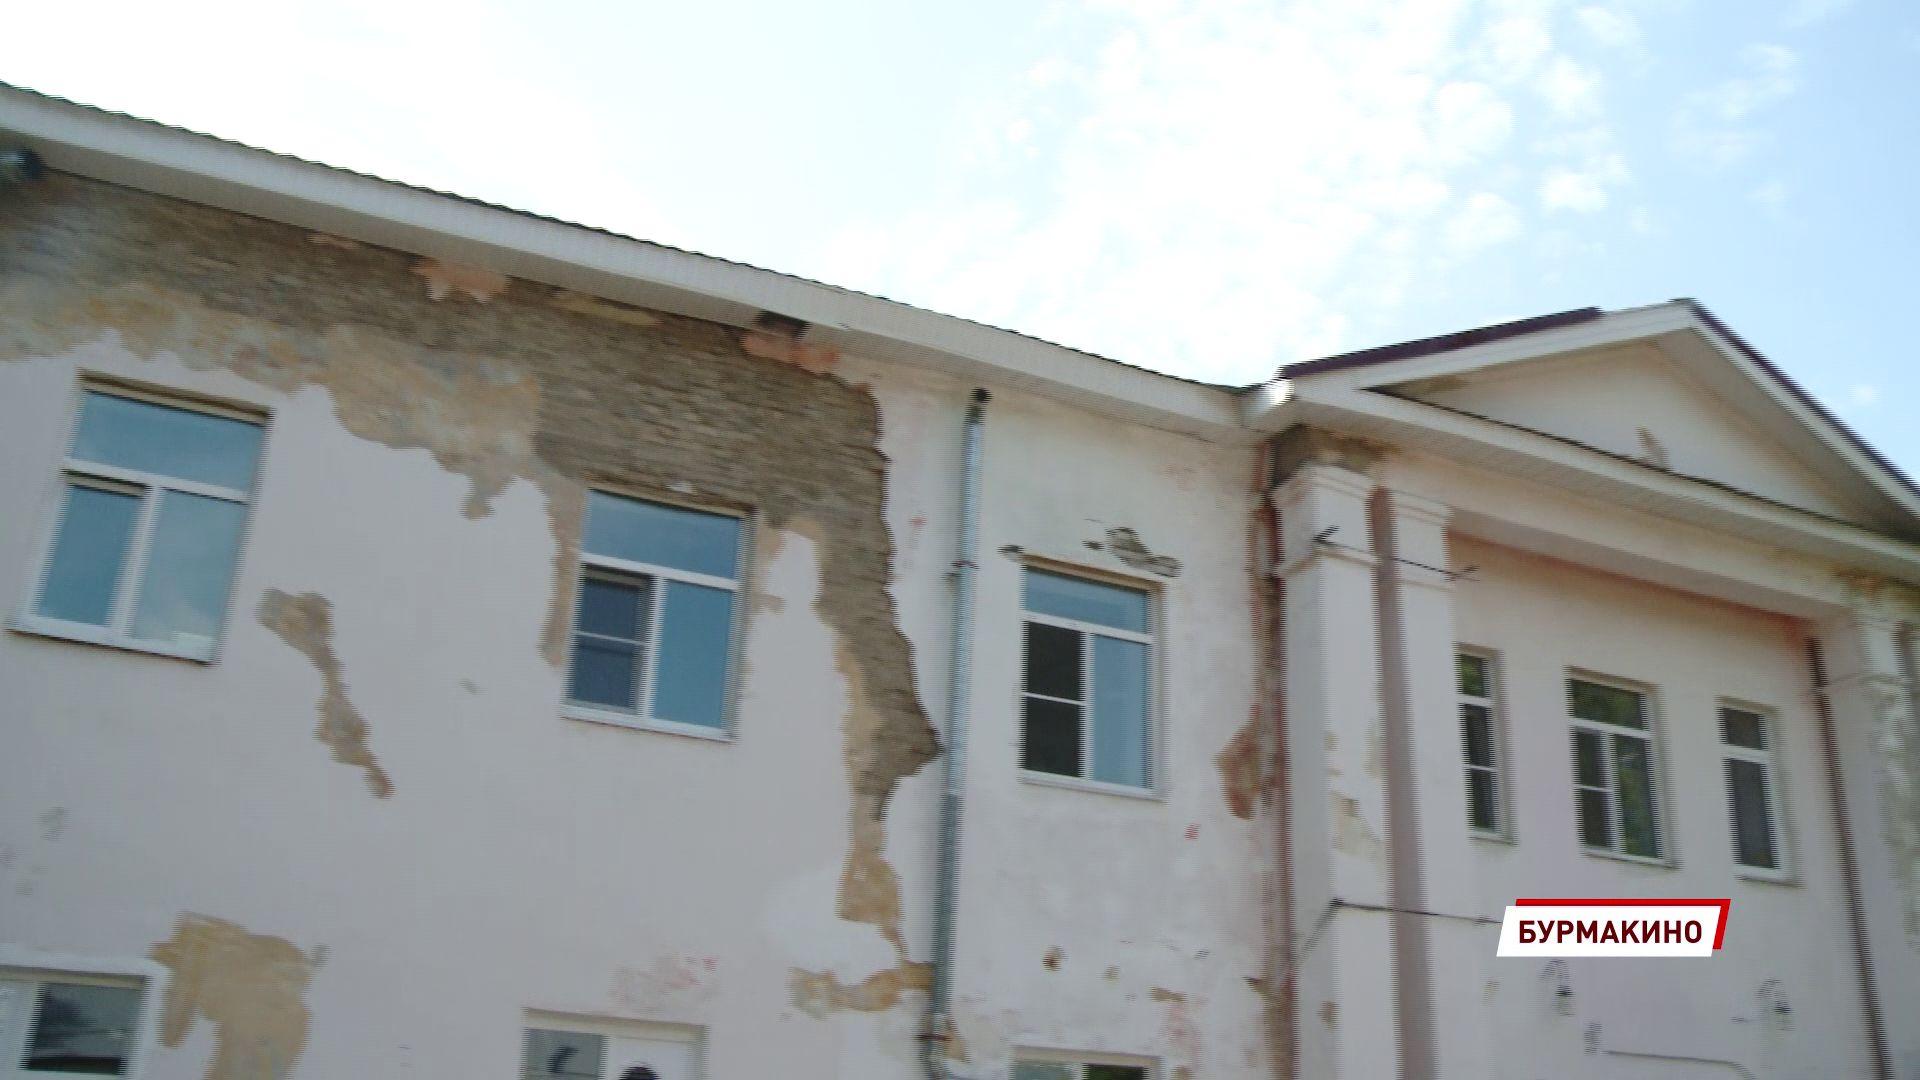 Начался долгожданный ремонт Бурмакинской больницы №1